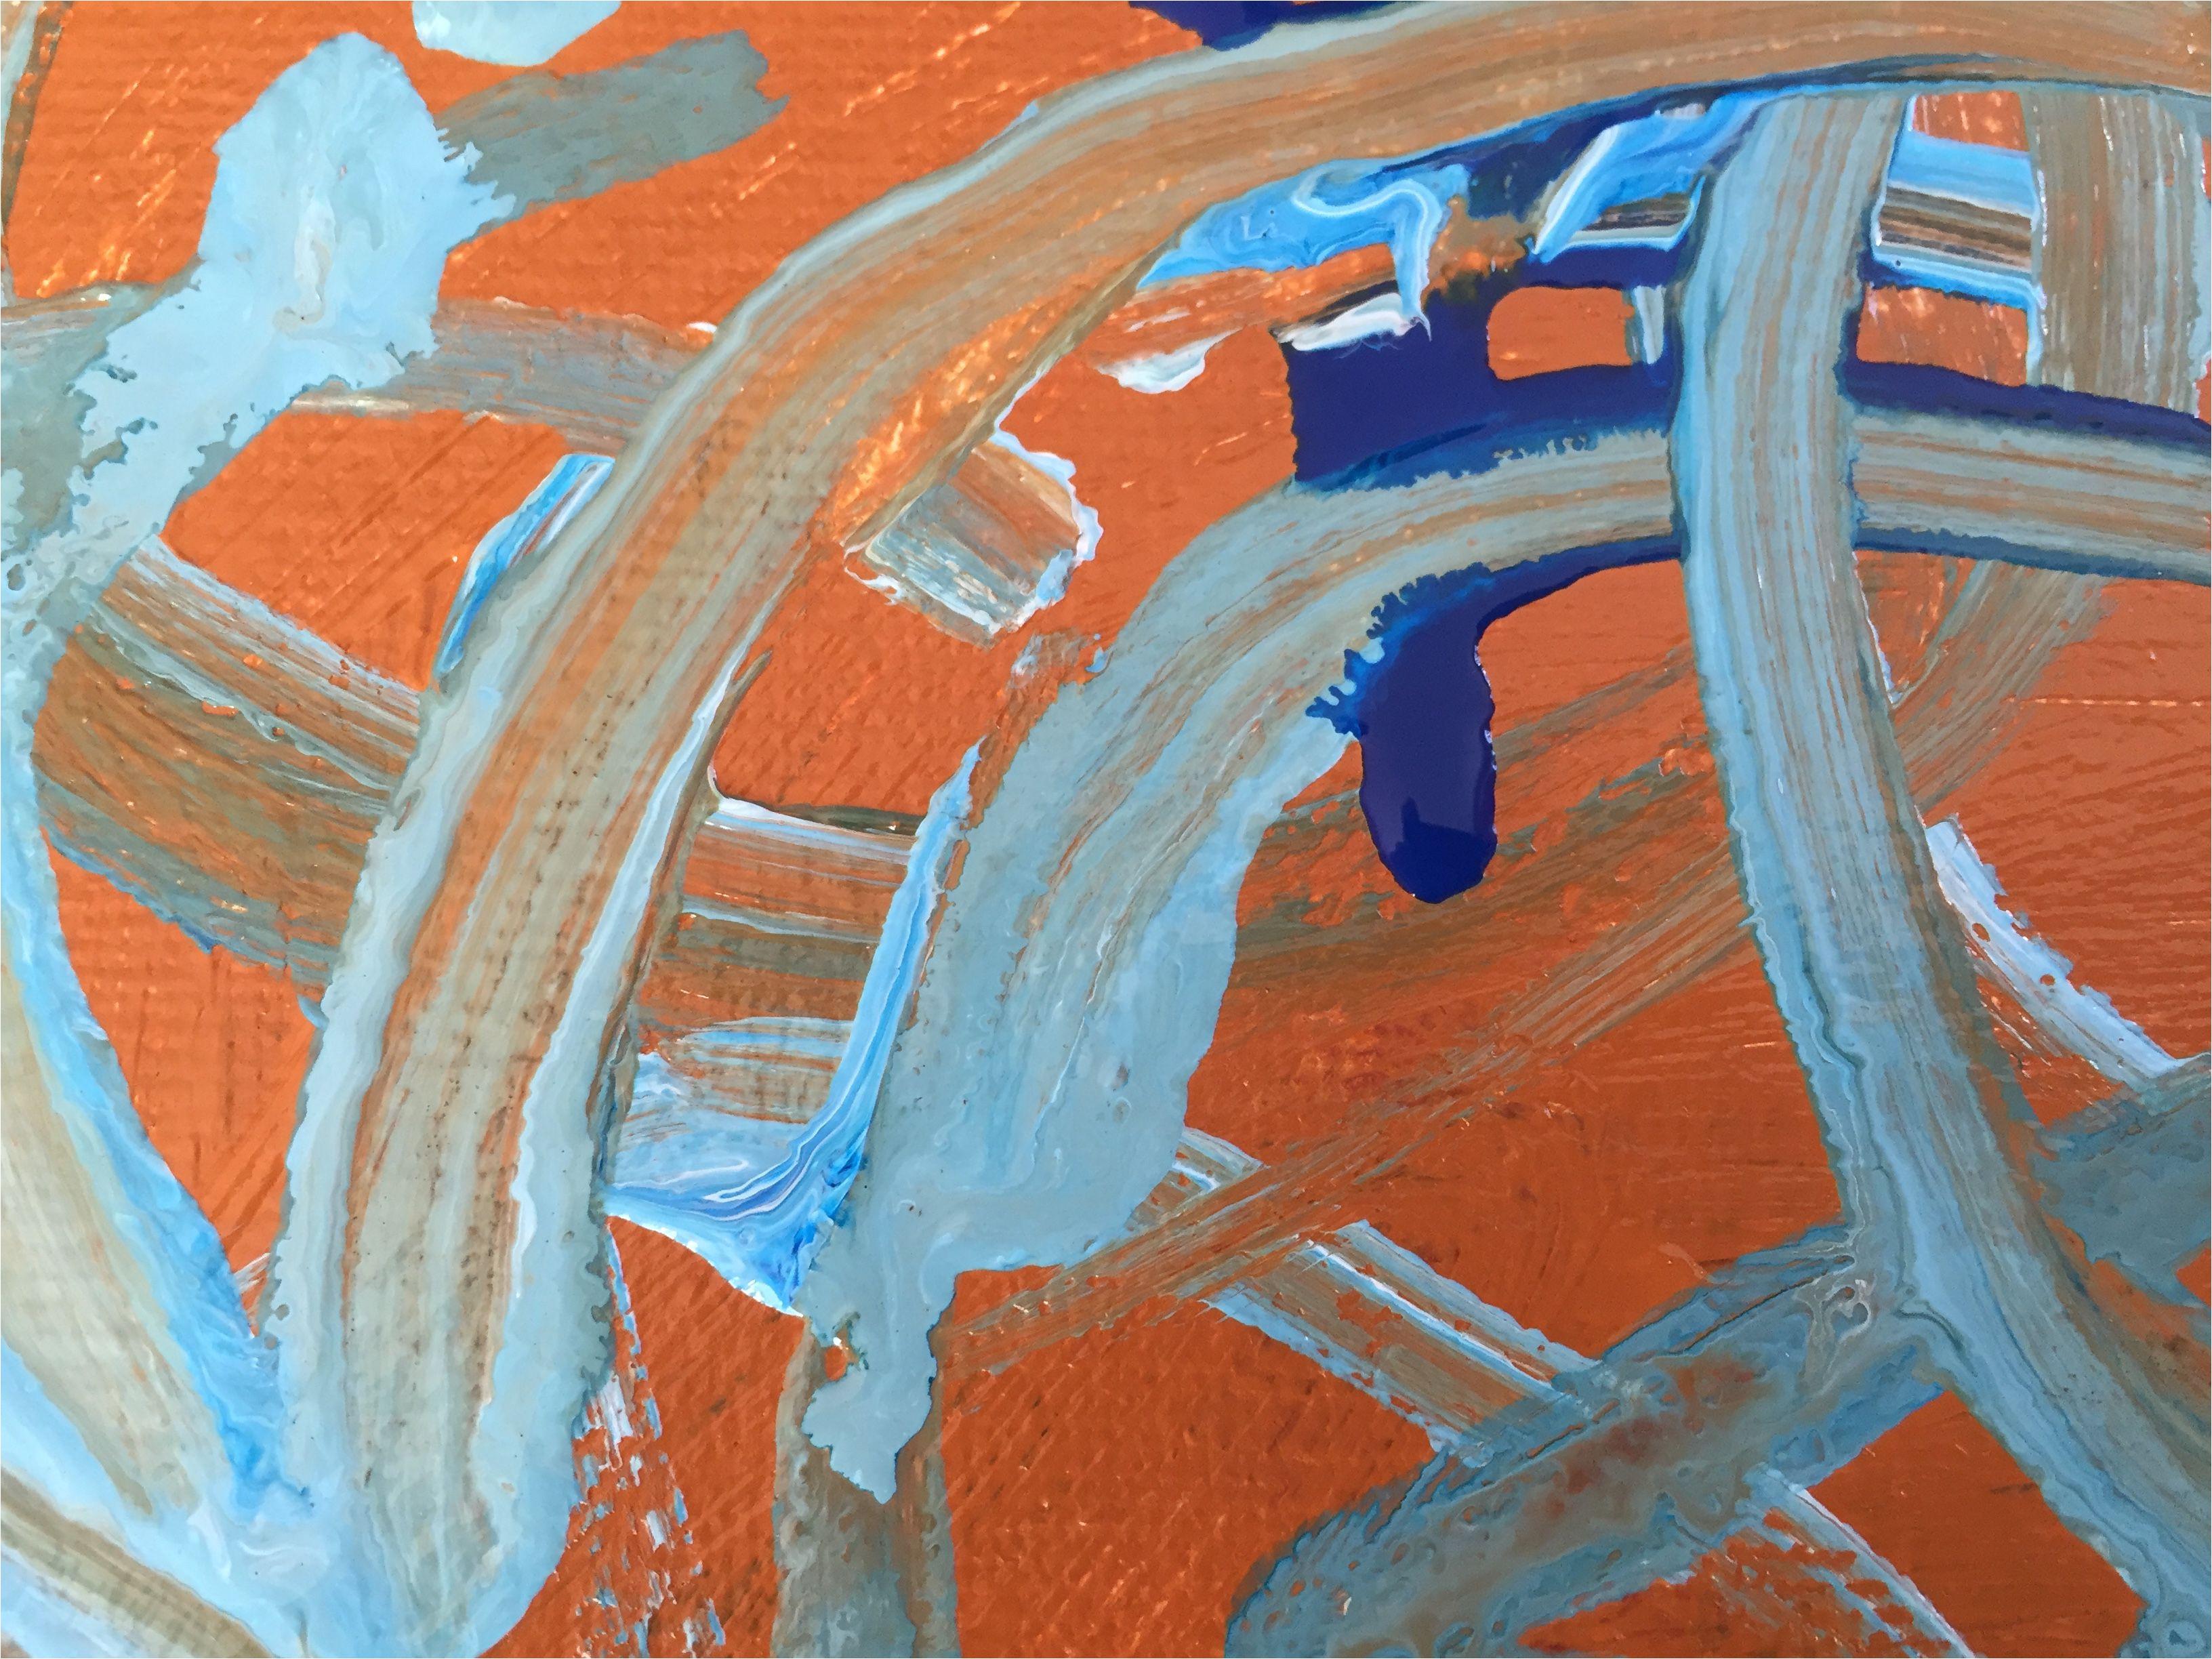 drips of fluid acrylic paint